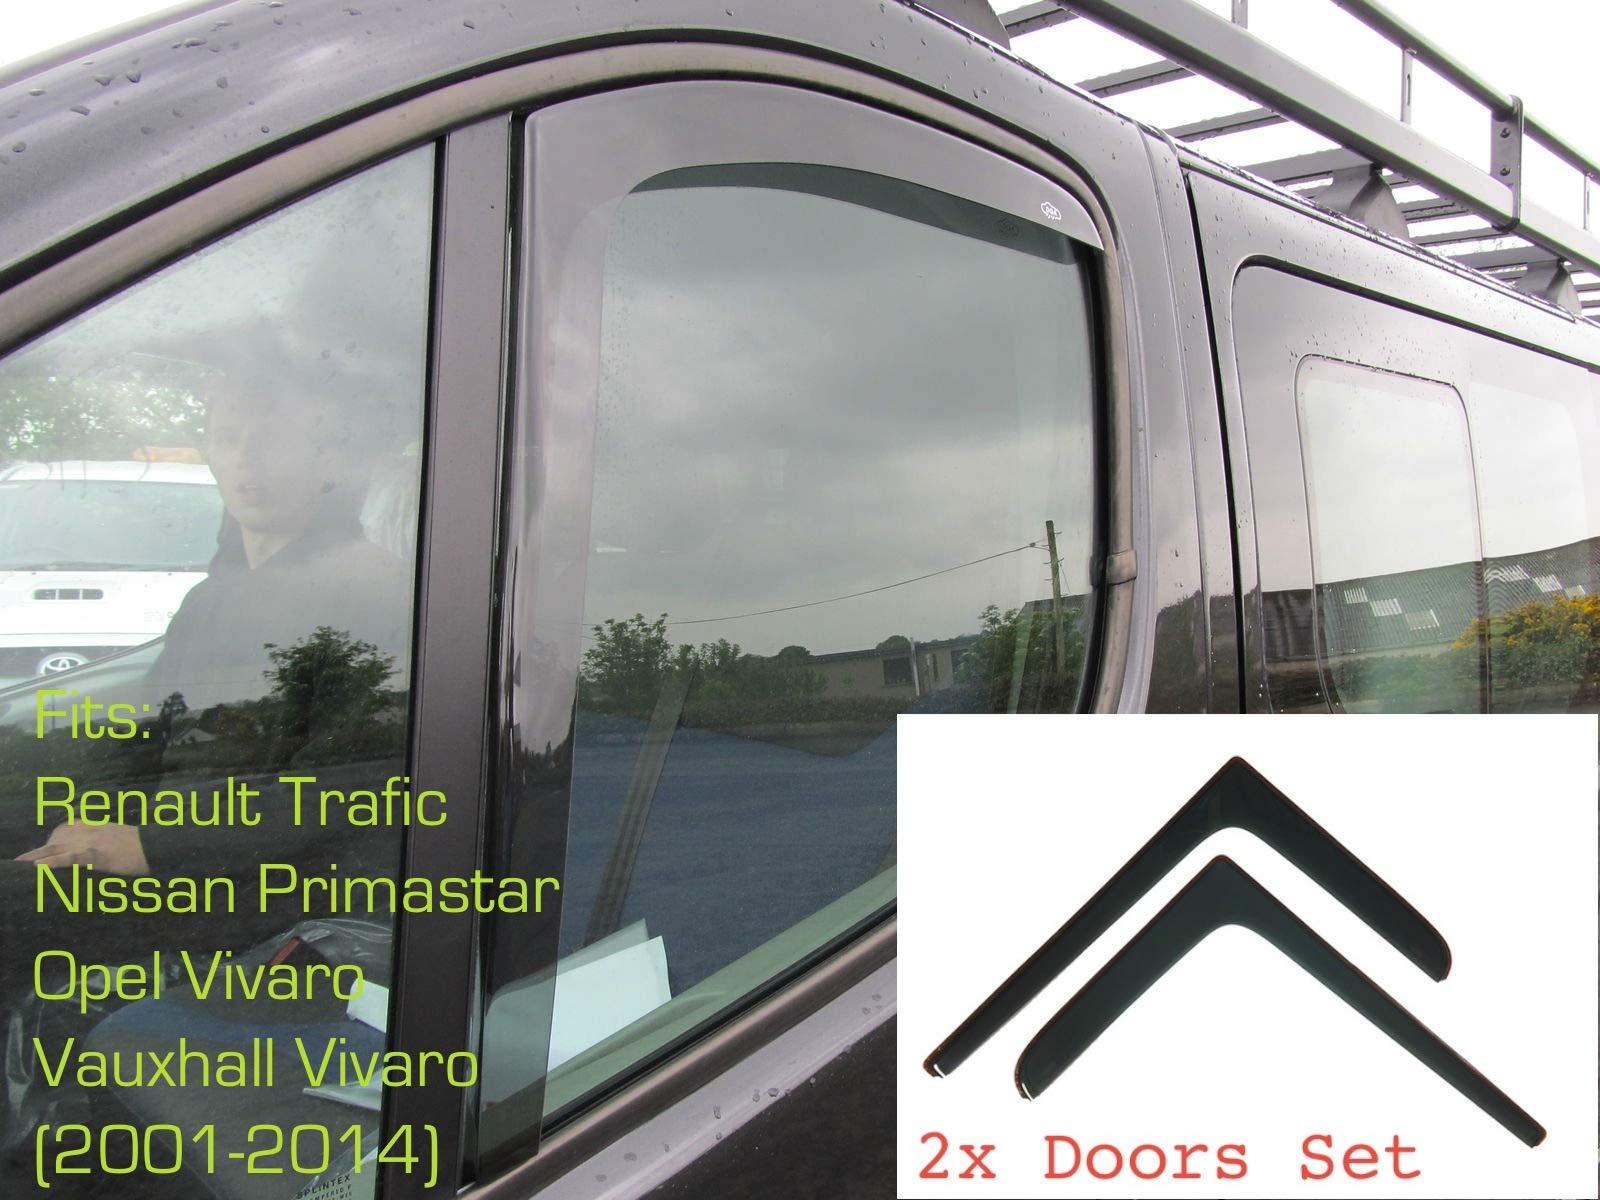 Amazon.es: 2x Deflectores de Aire Compatible con Renault Trafic (tipo X83) 2001 - 2014 (MK2) Opel Vivaro Primastar Derivabrisas protección sol lluvia nieve viento Vidrio acrílico PMMA de primera calidad